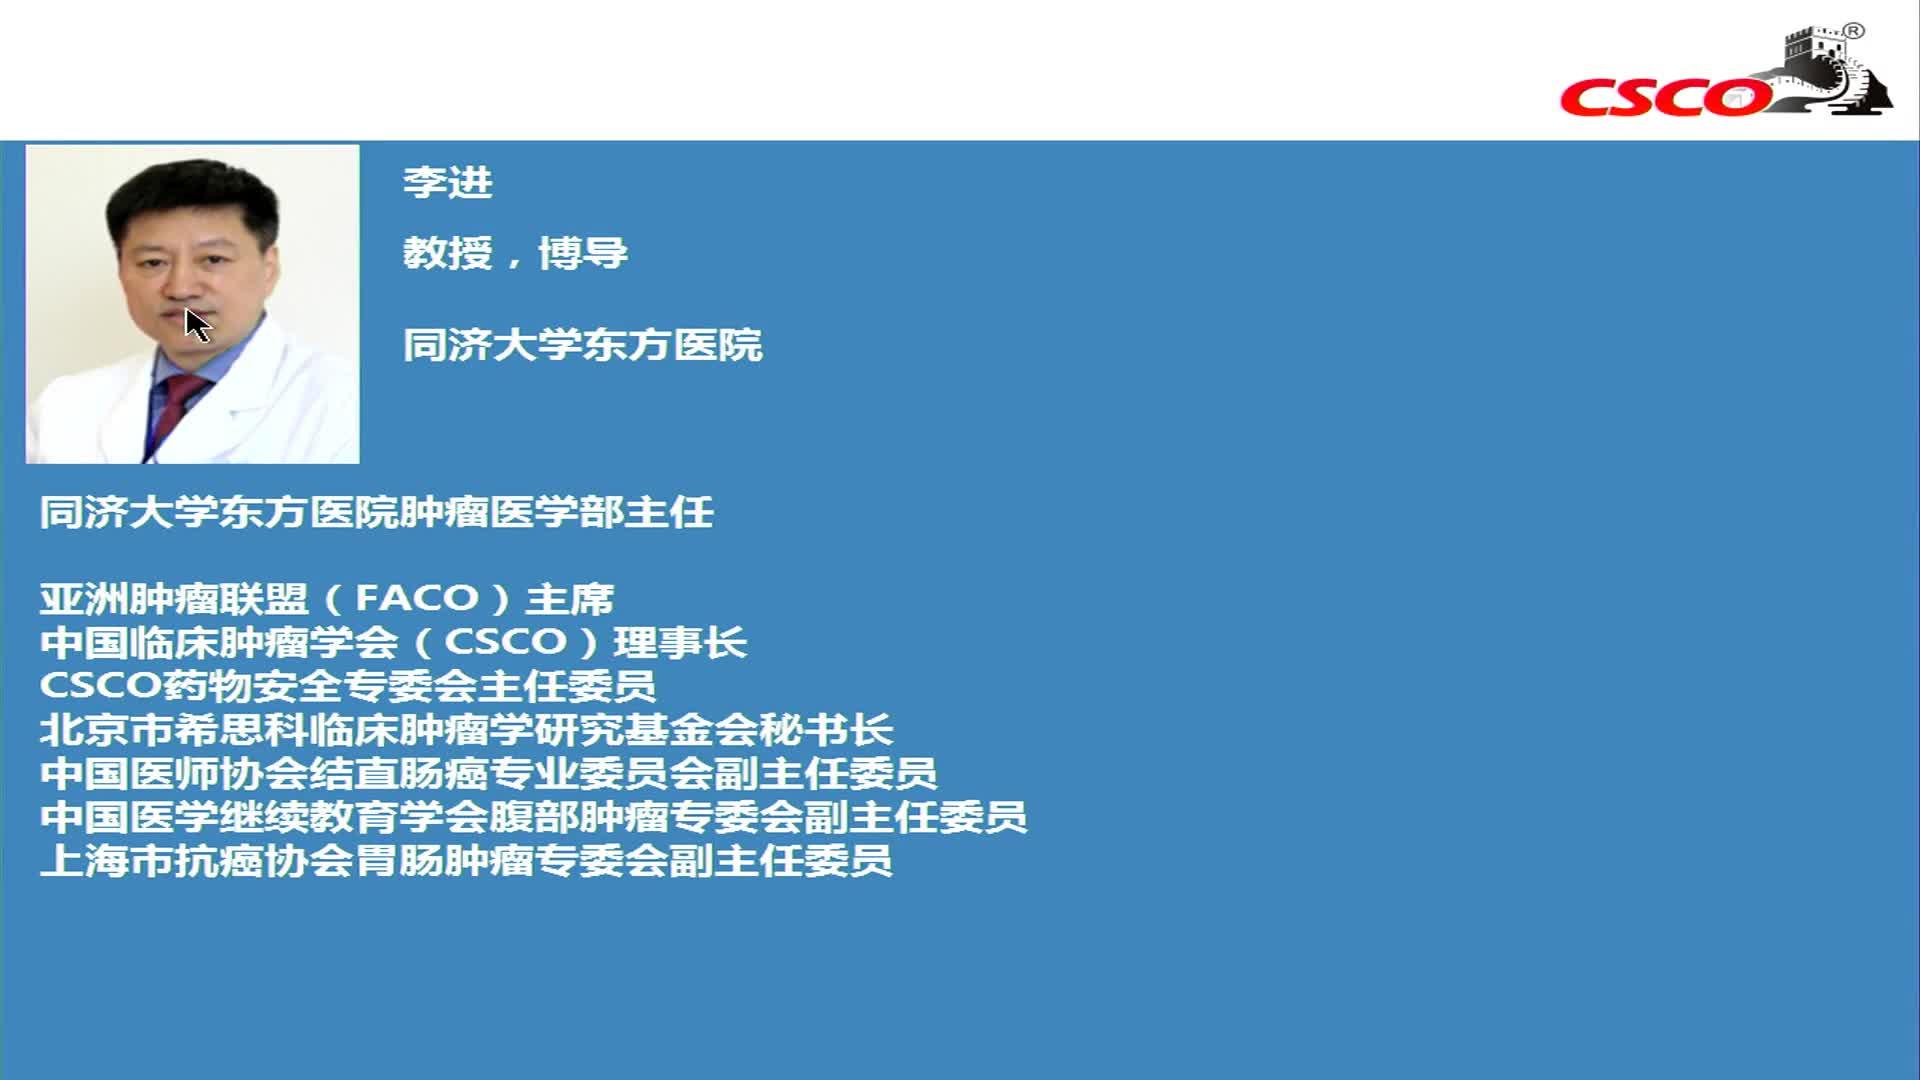 评价TQB2450 注射液在中国晚期恶性肿瘤患者的安全性和耐受性:来自TQB2450 注射液耐受性和药代动力学I 期临床研究的初步数据分析